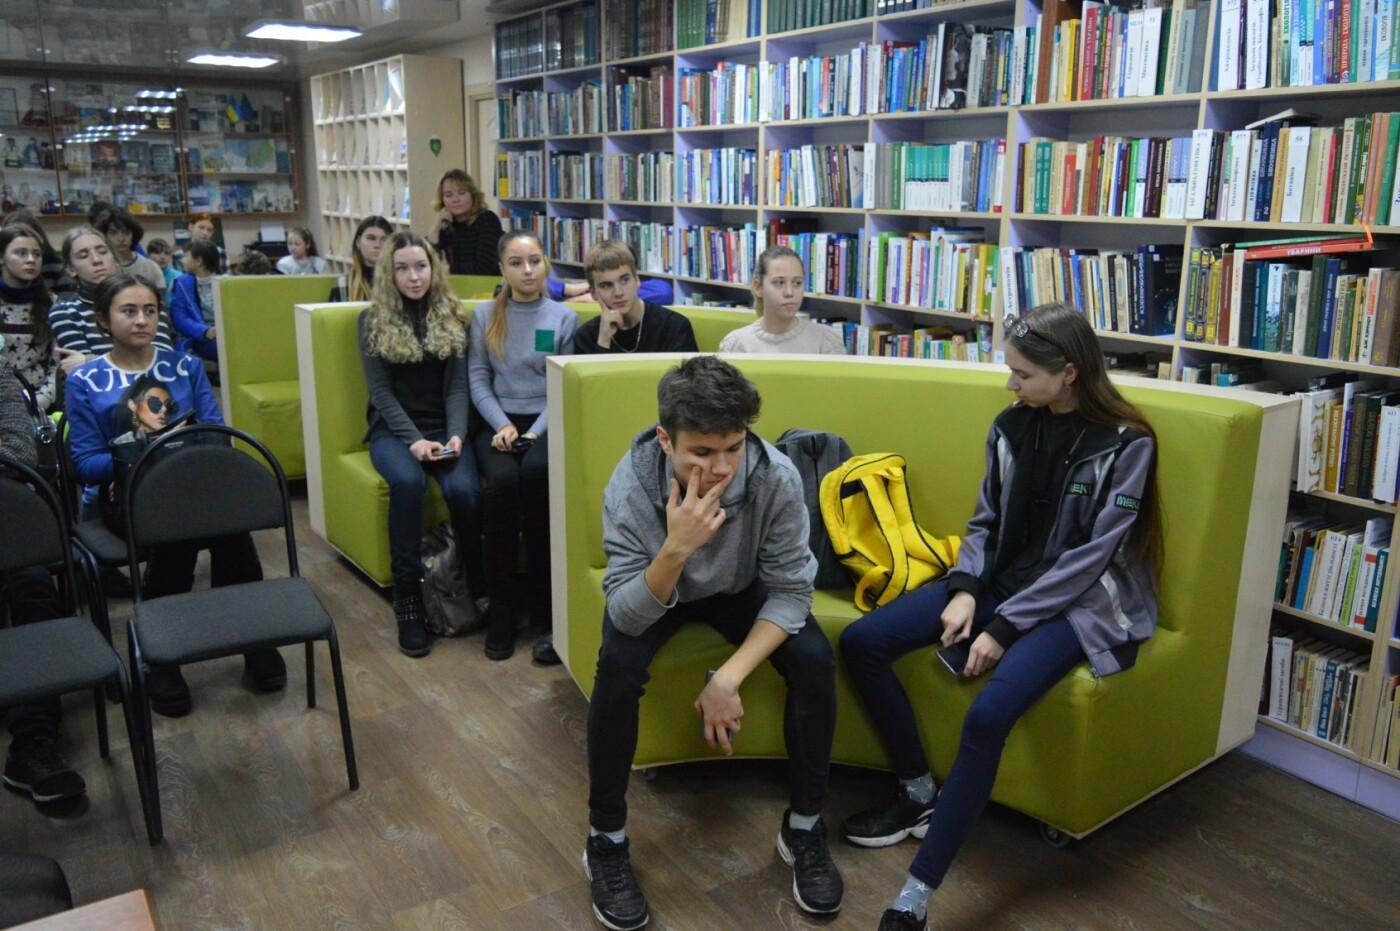 В Лозовой провели вечер литературы и искусства, посвященный 250-летию Ивана Котляревского, фото-7